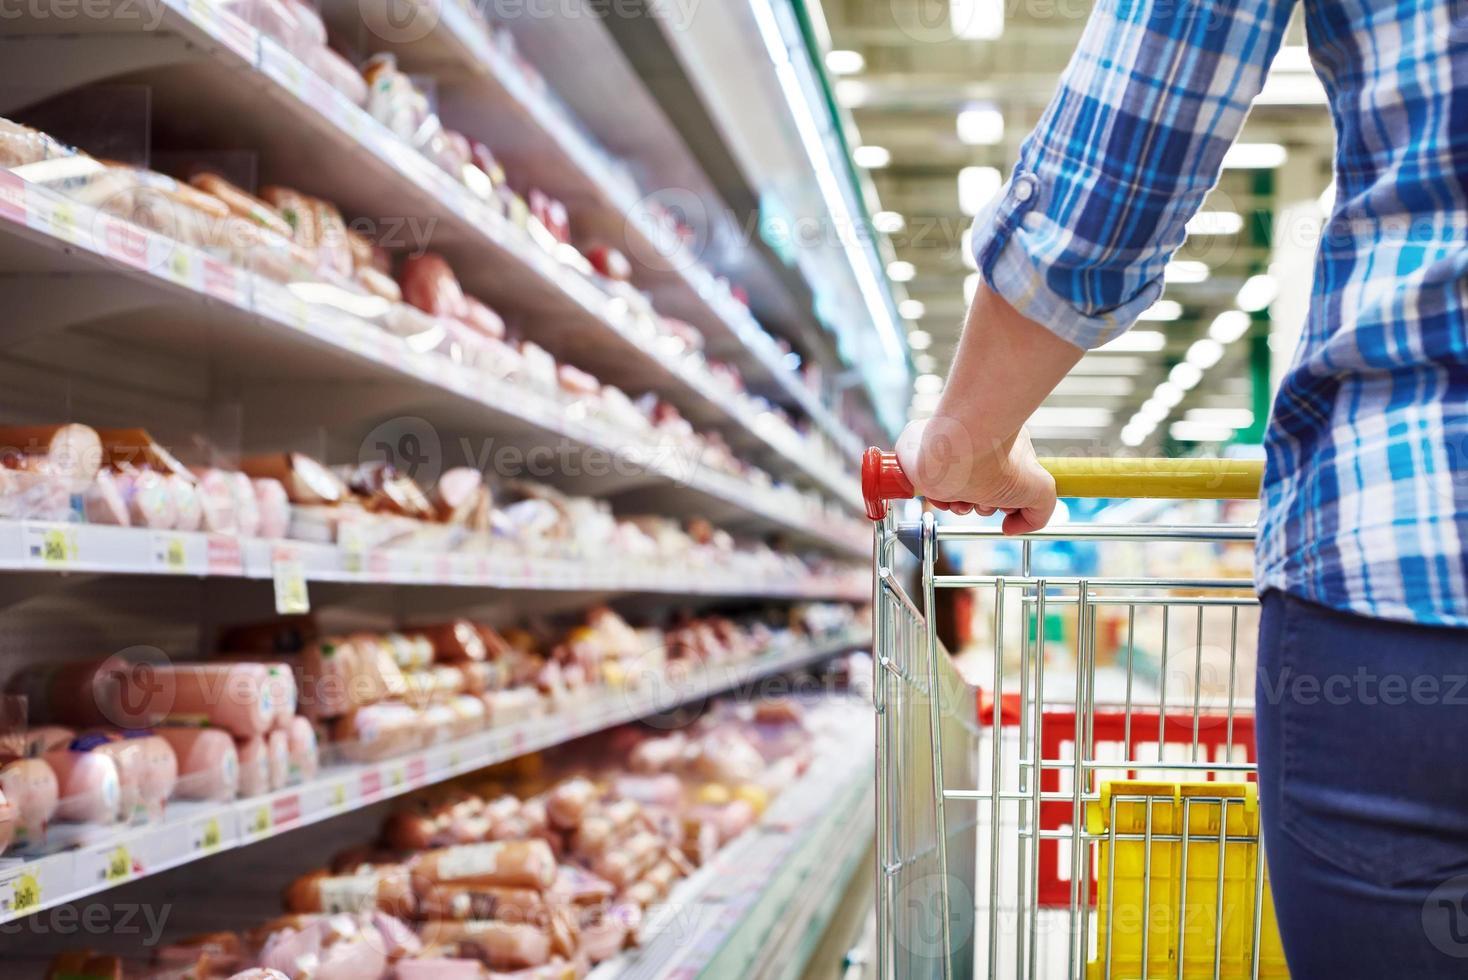 carrello acquirente in un supermercato foto